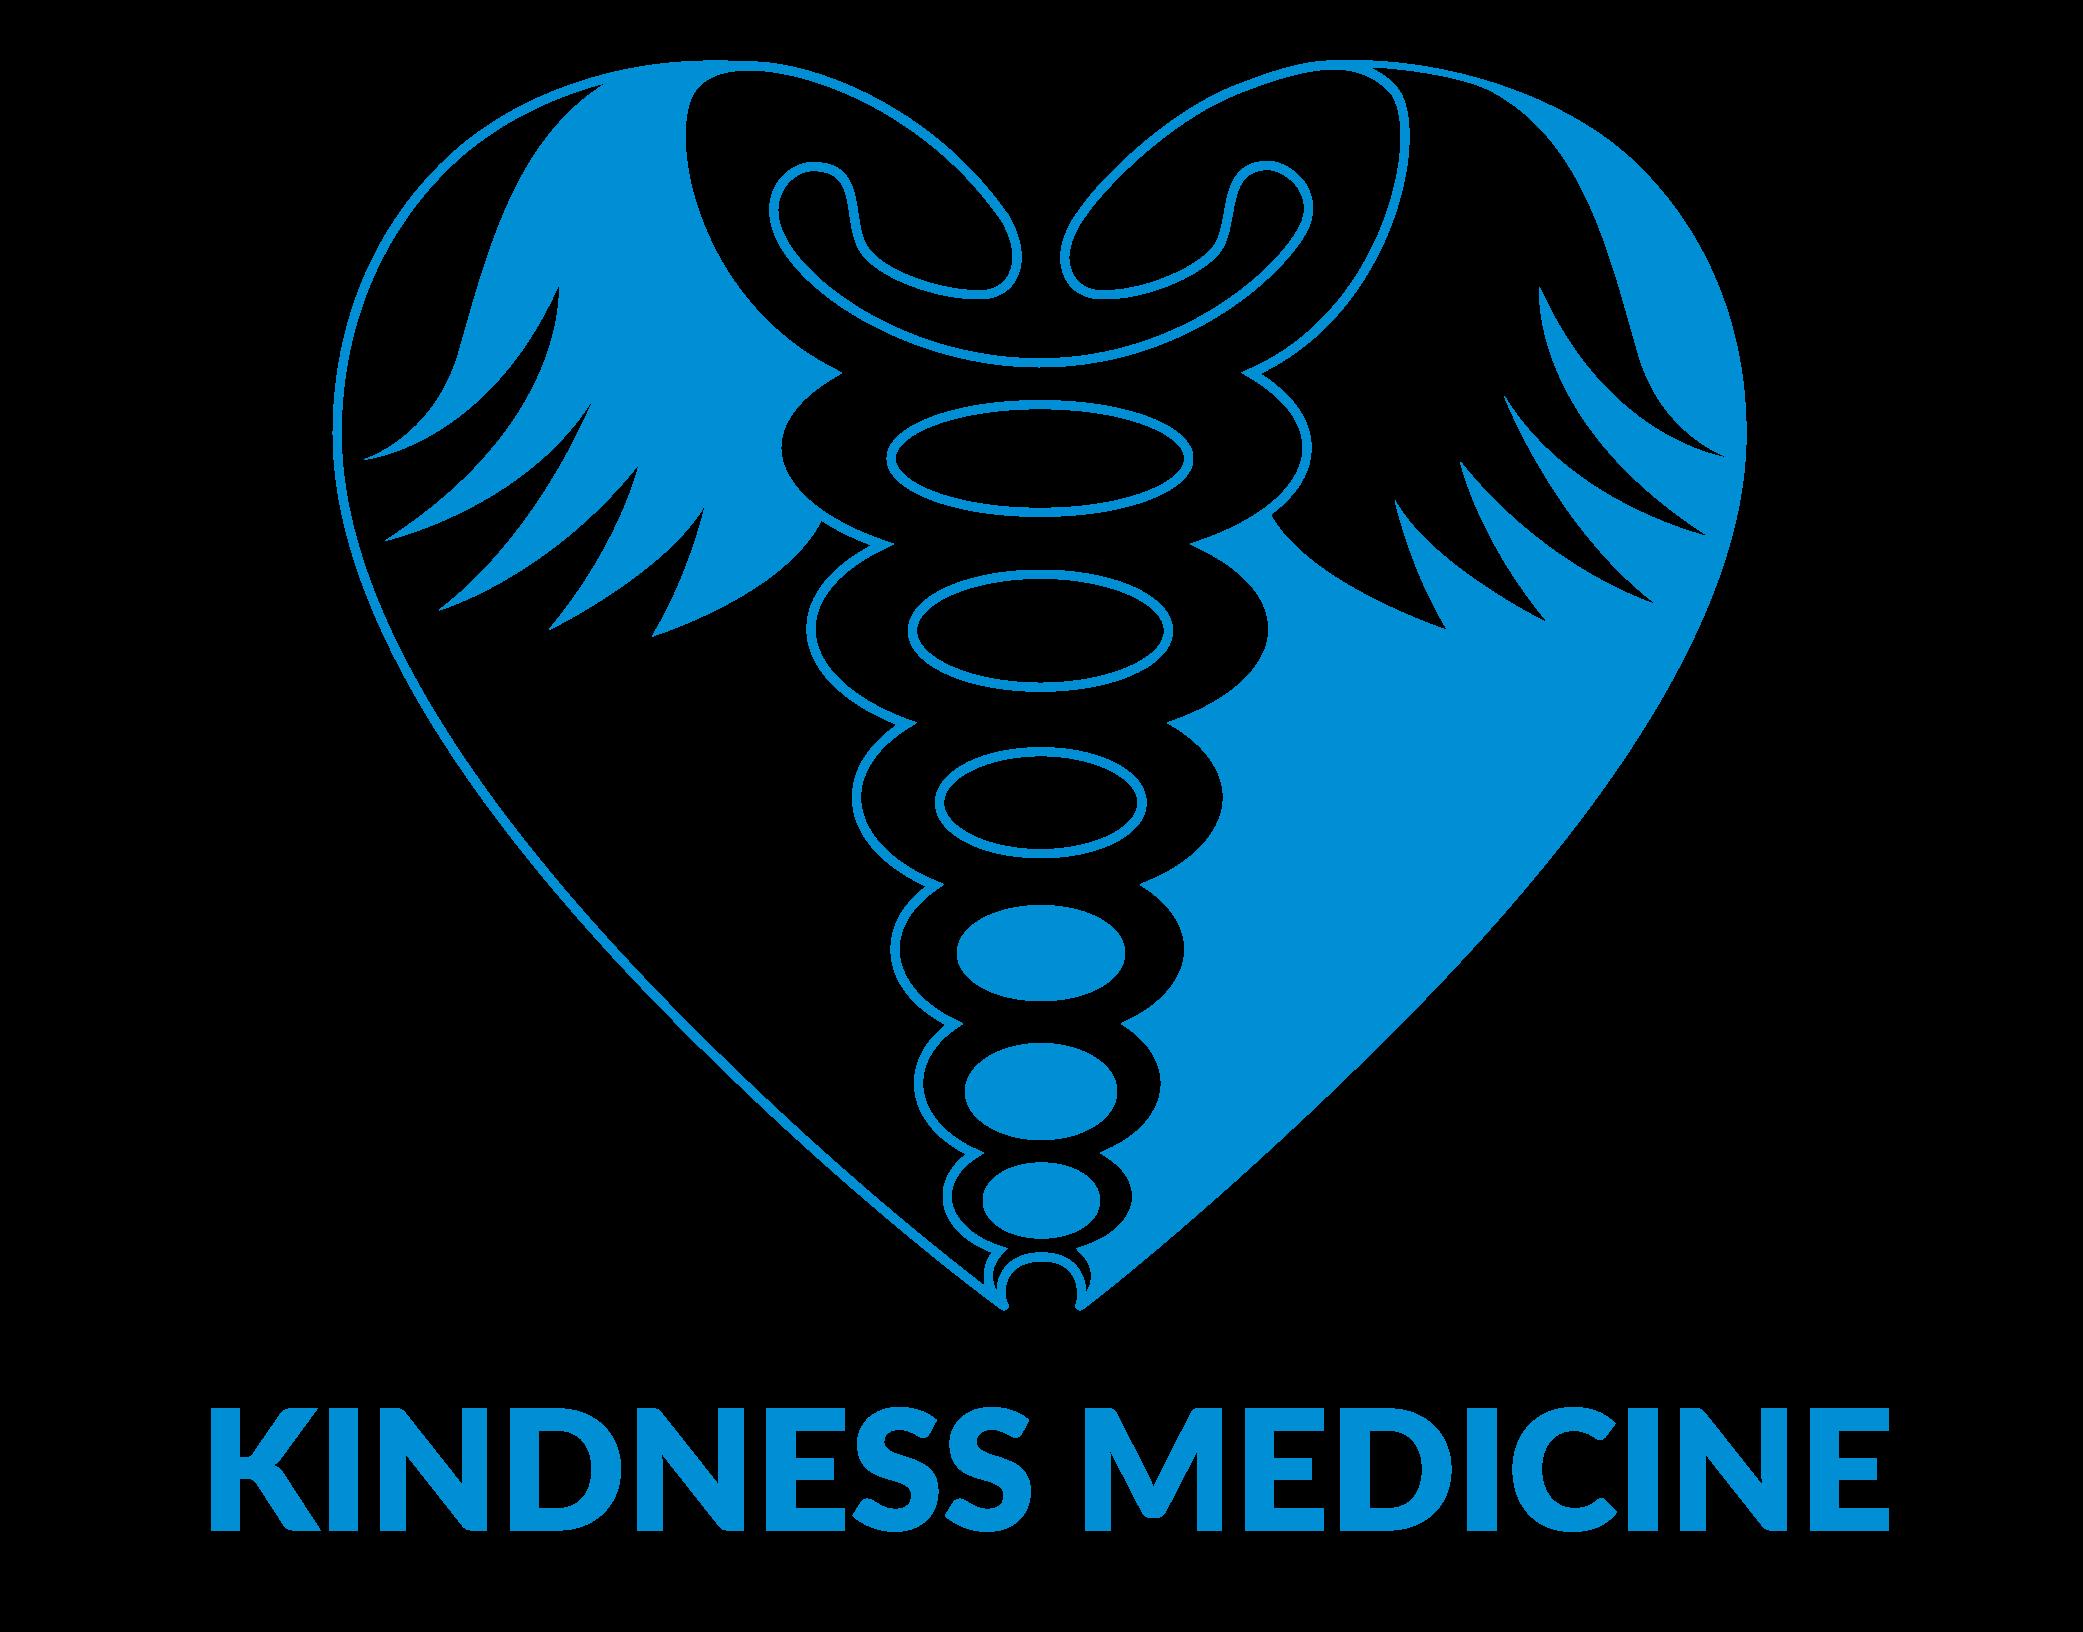 Kindness Medicine